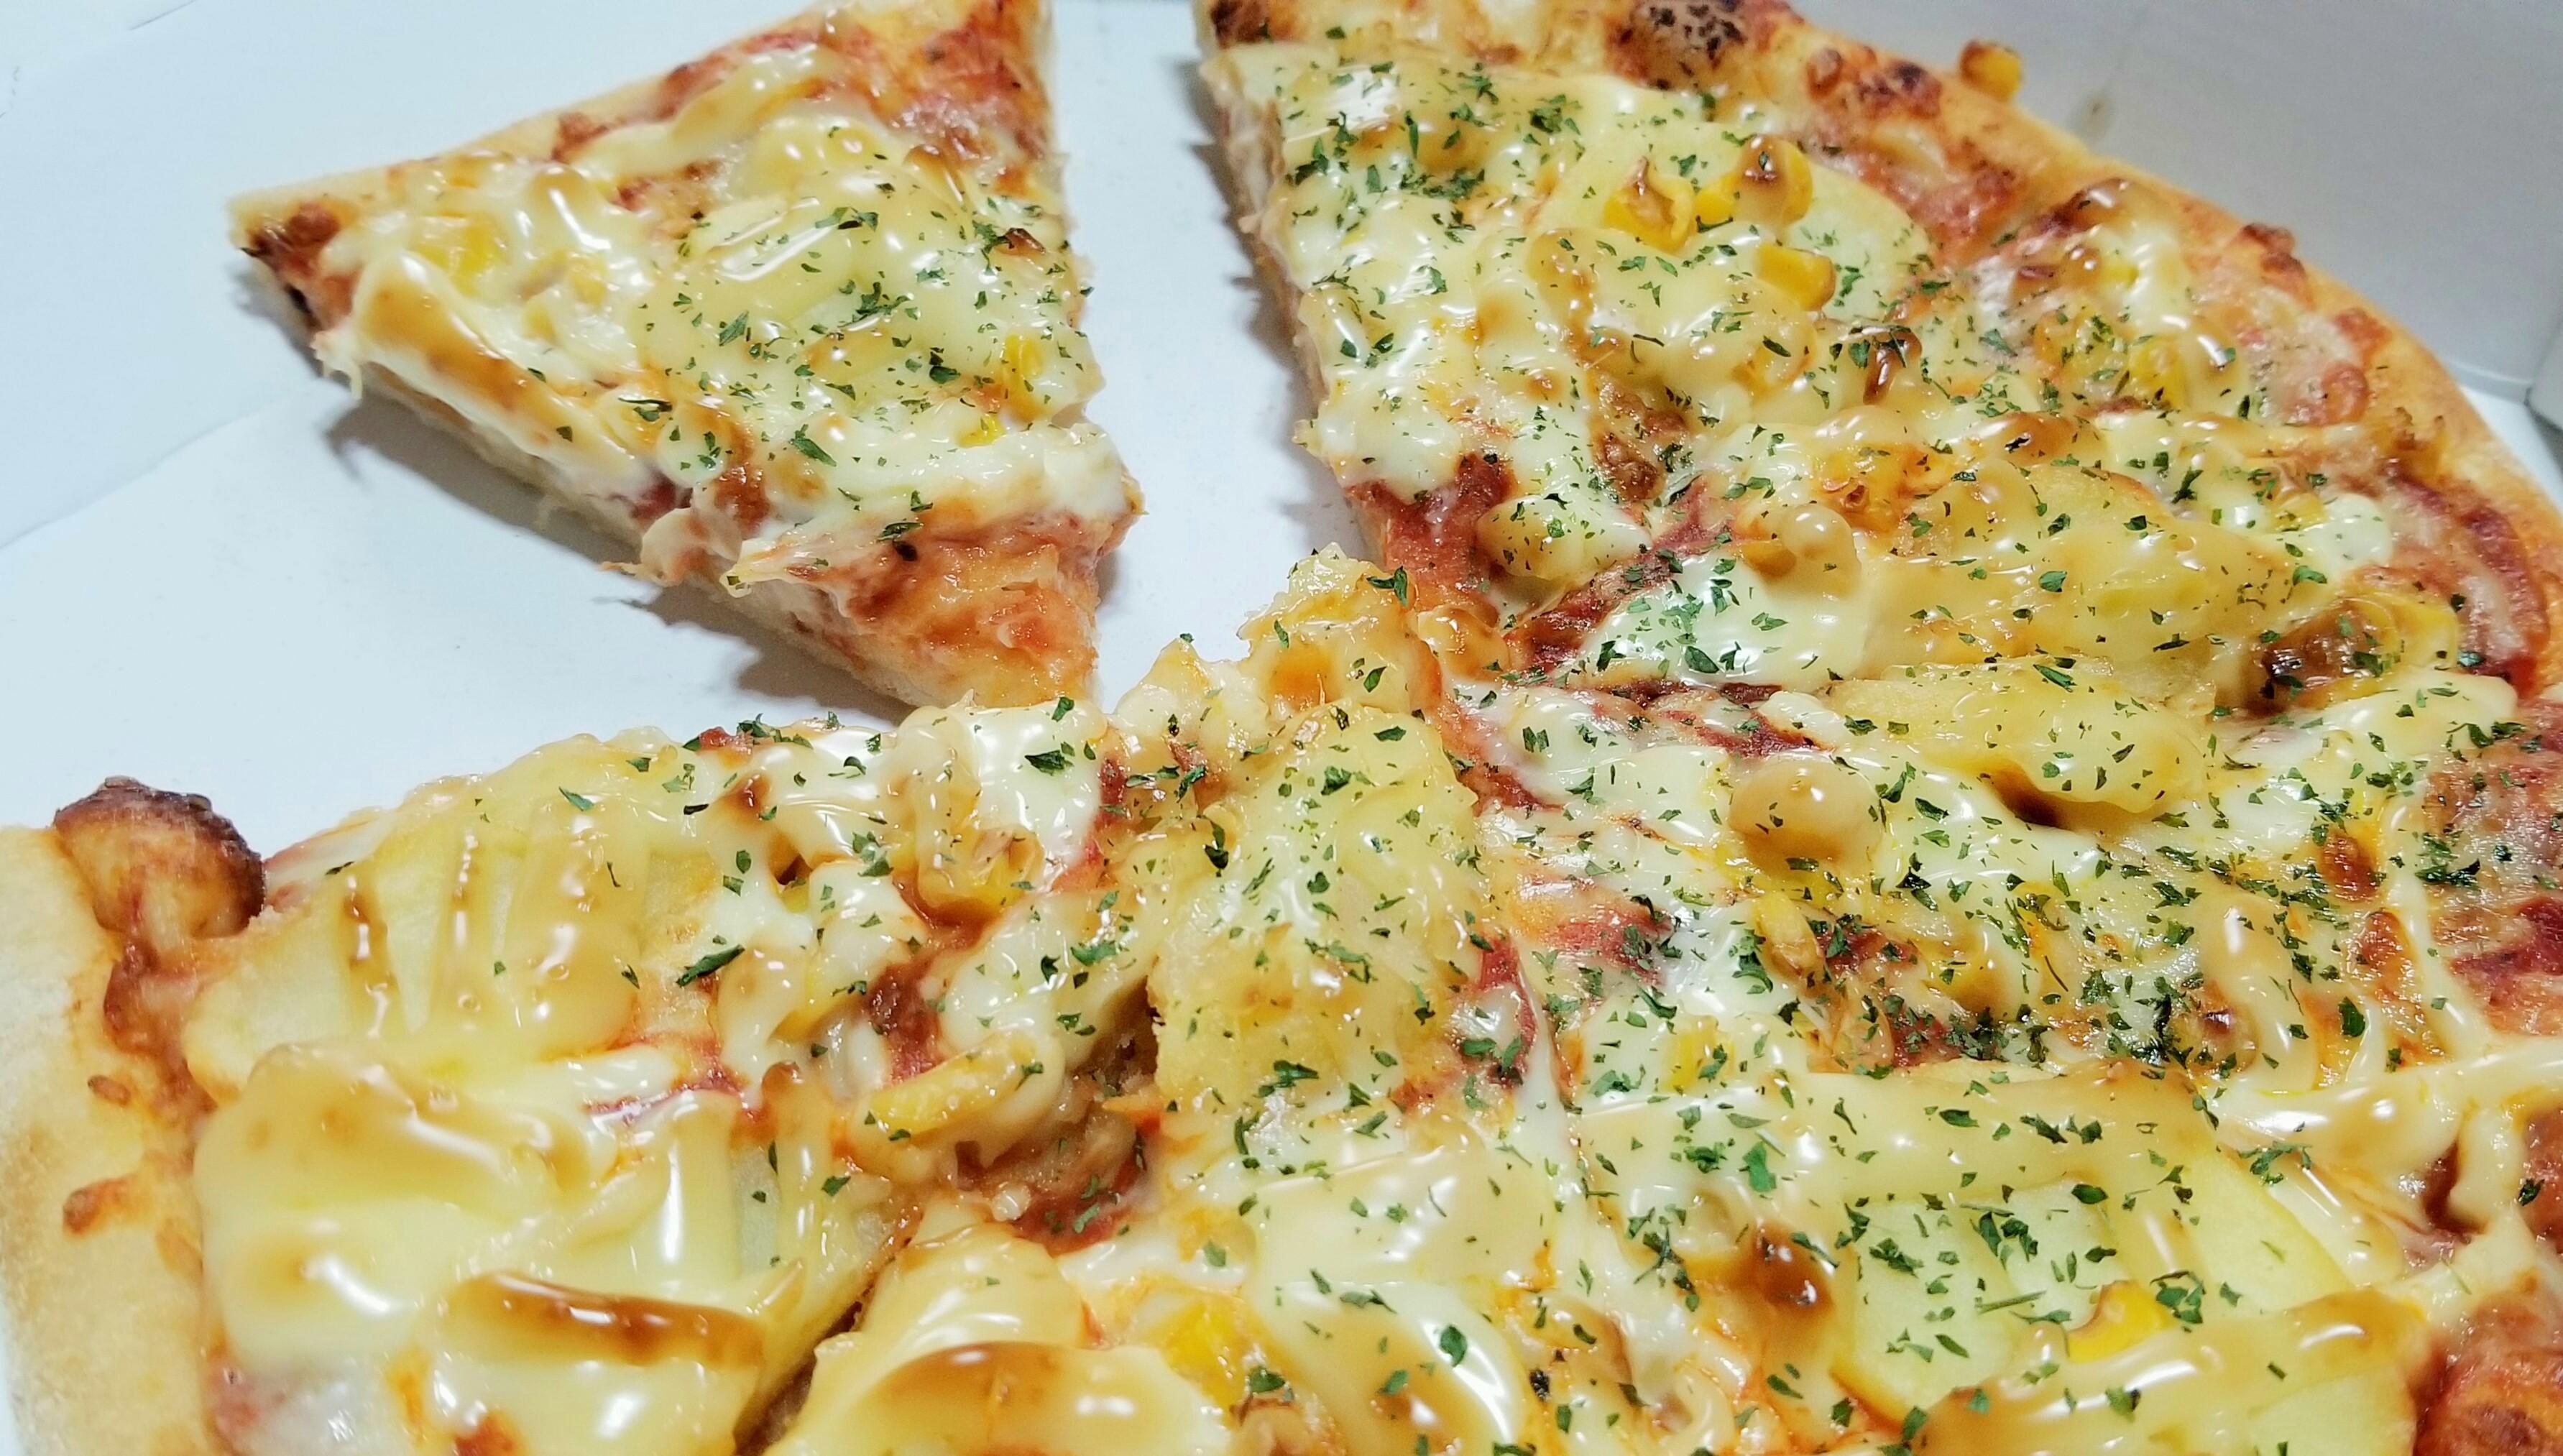 グルメ巡り大好きピザハット美味しいチーズたっぷり濃厚大きい人気